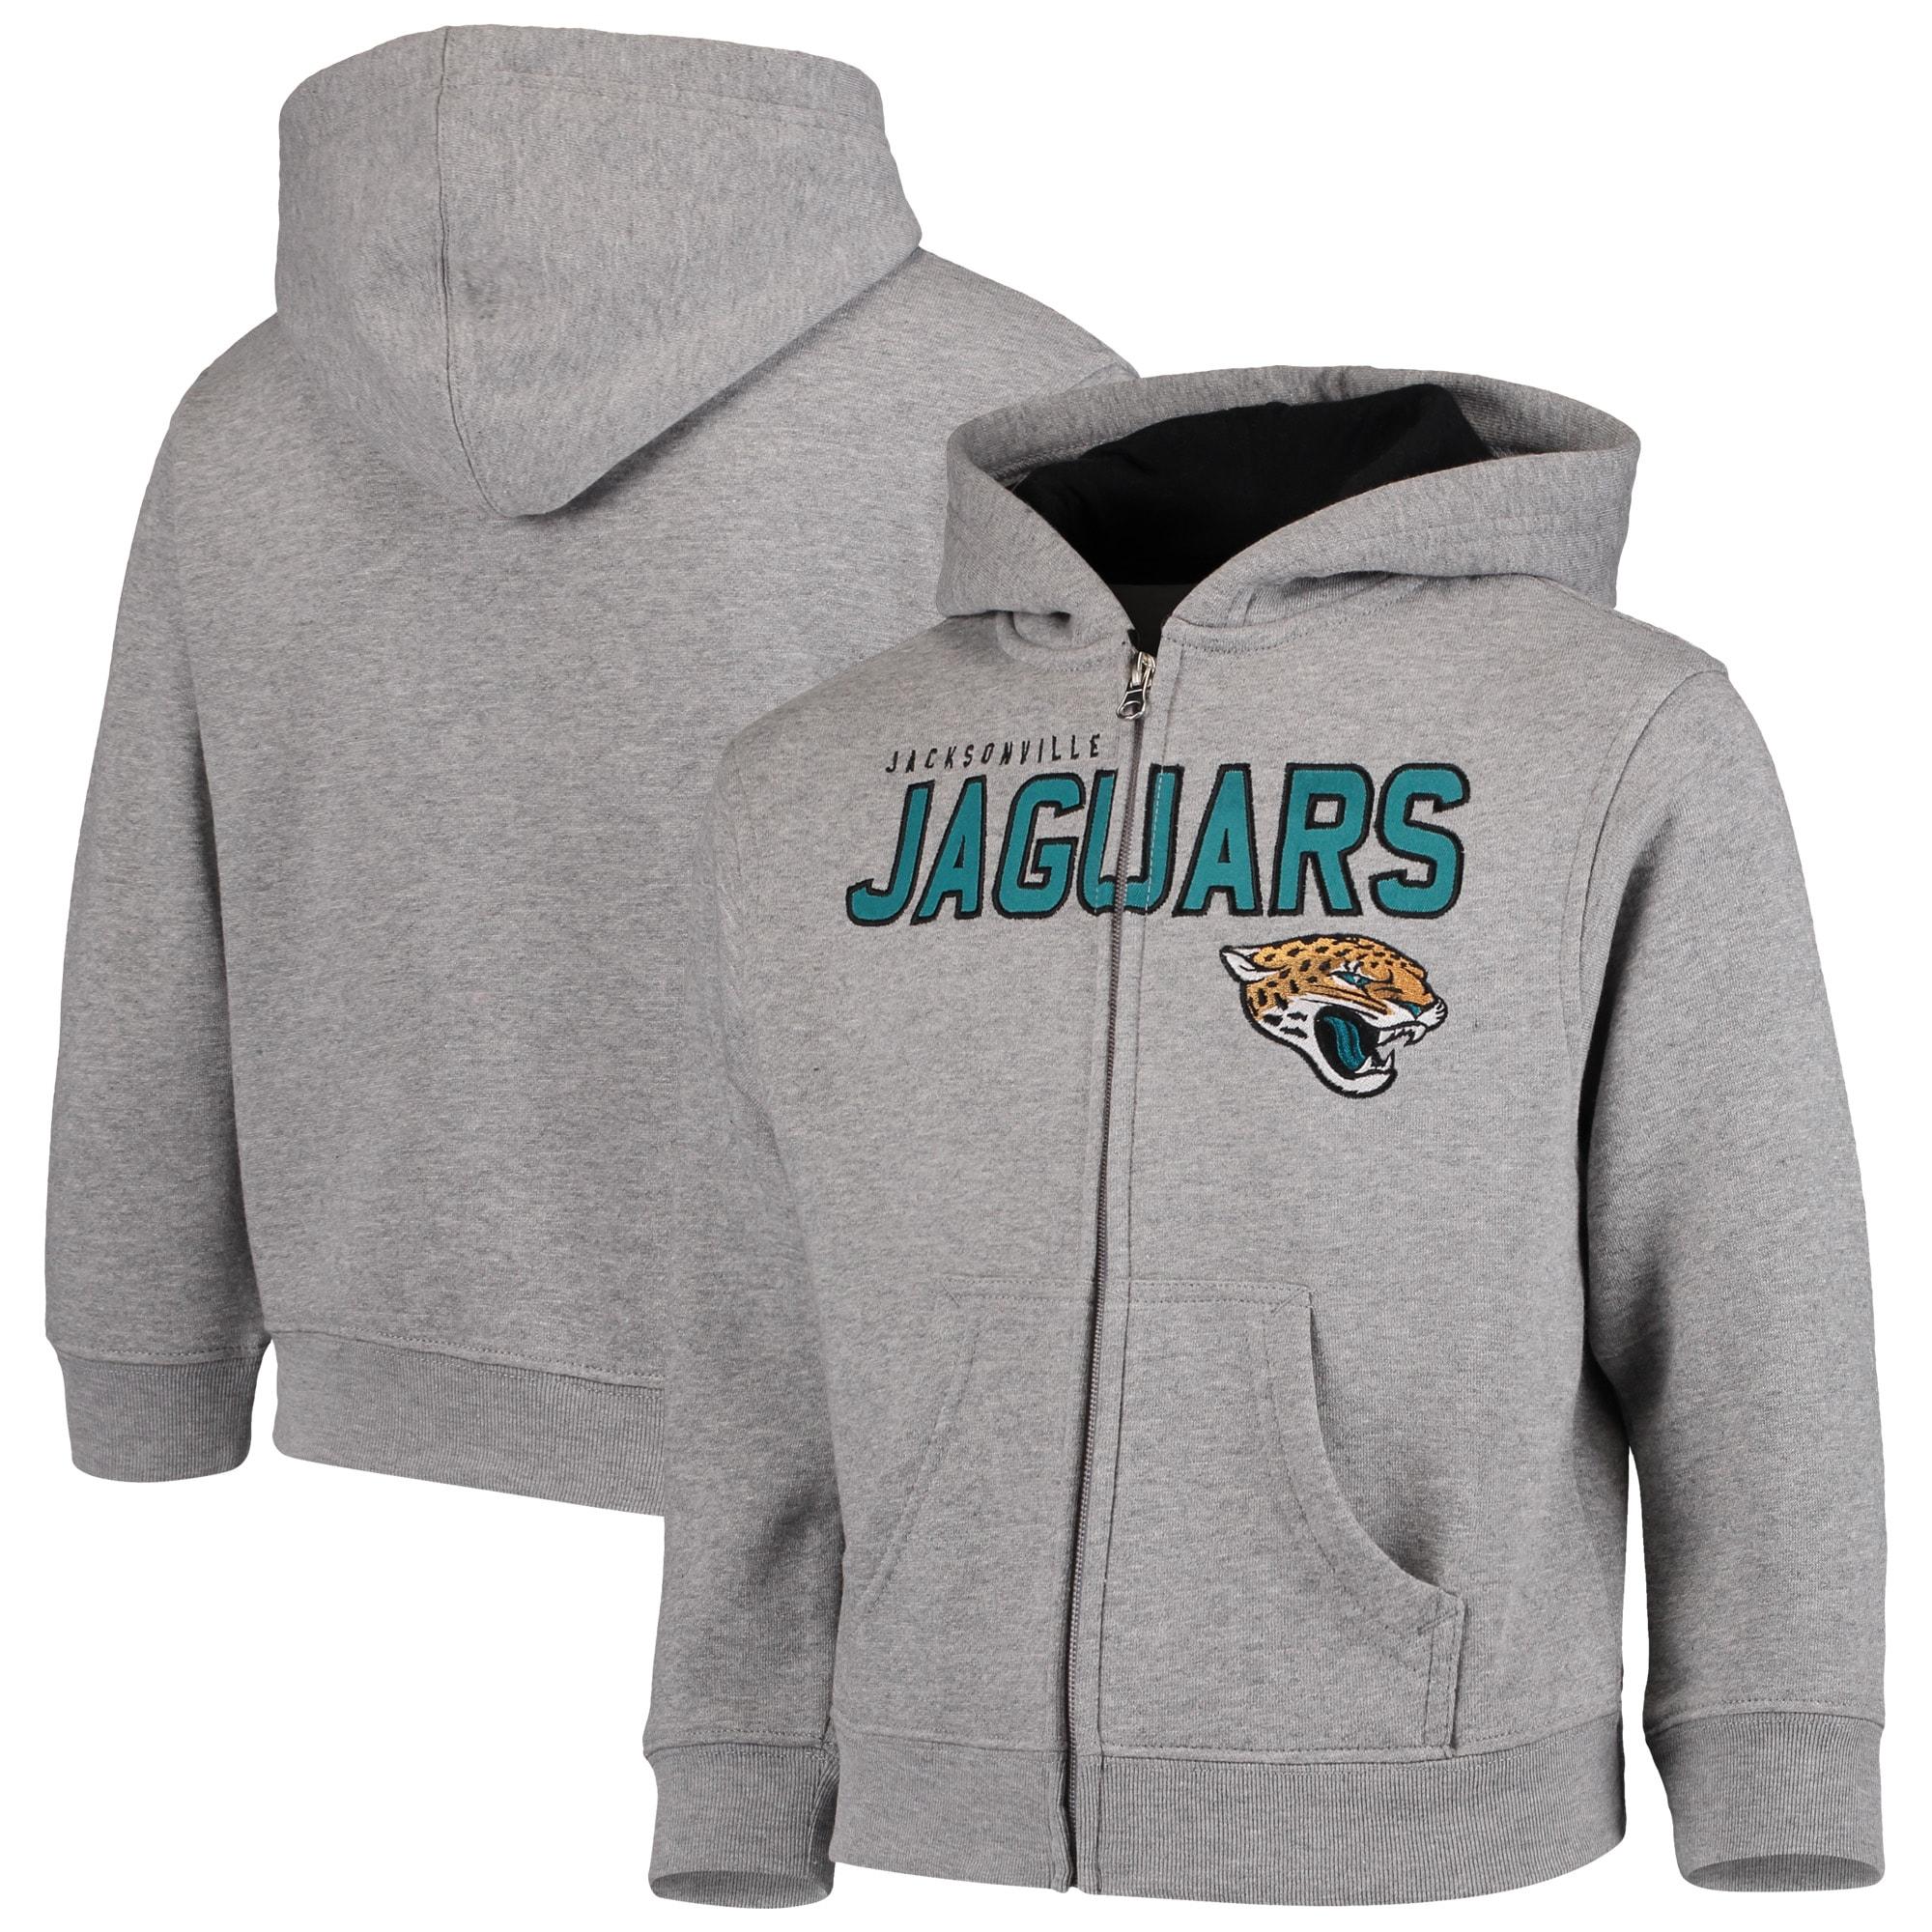 Jacksonville Jaguars Preschool Fan Gear Stated Full-Zip Hoodie - Gray